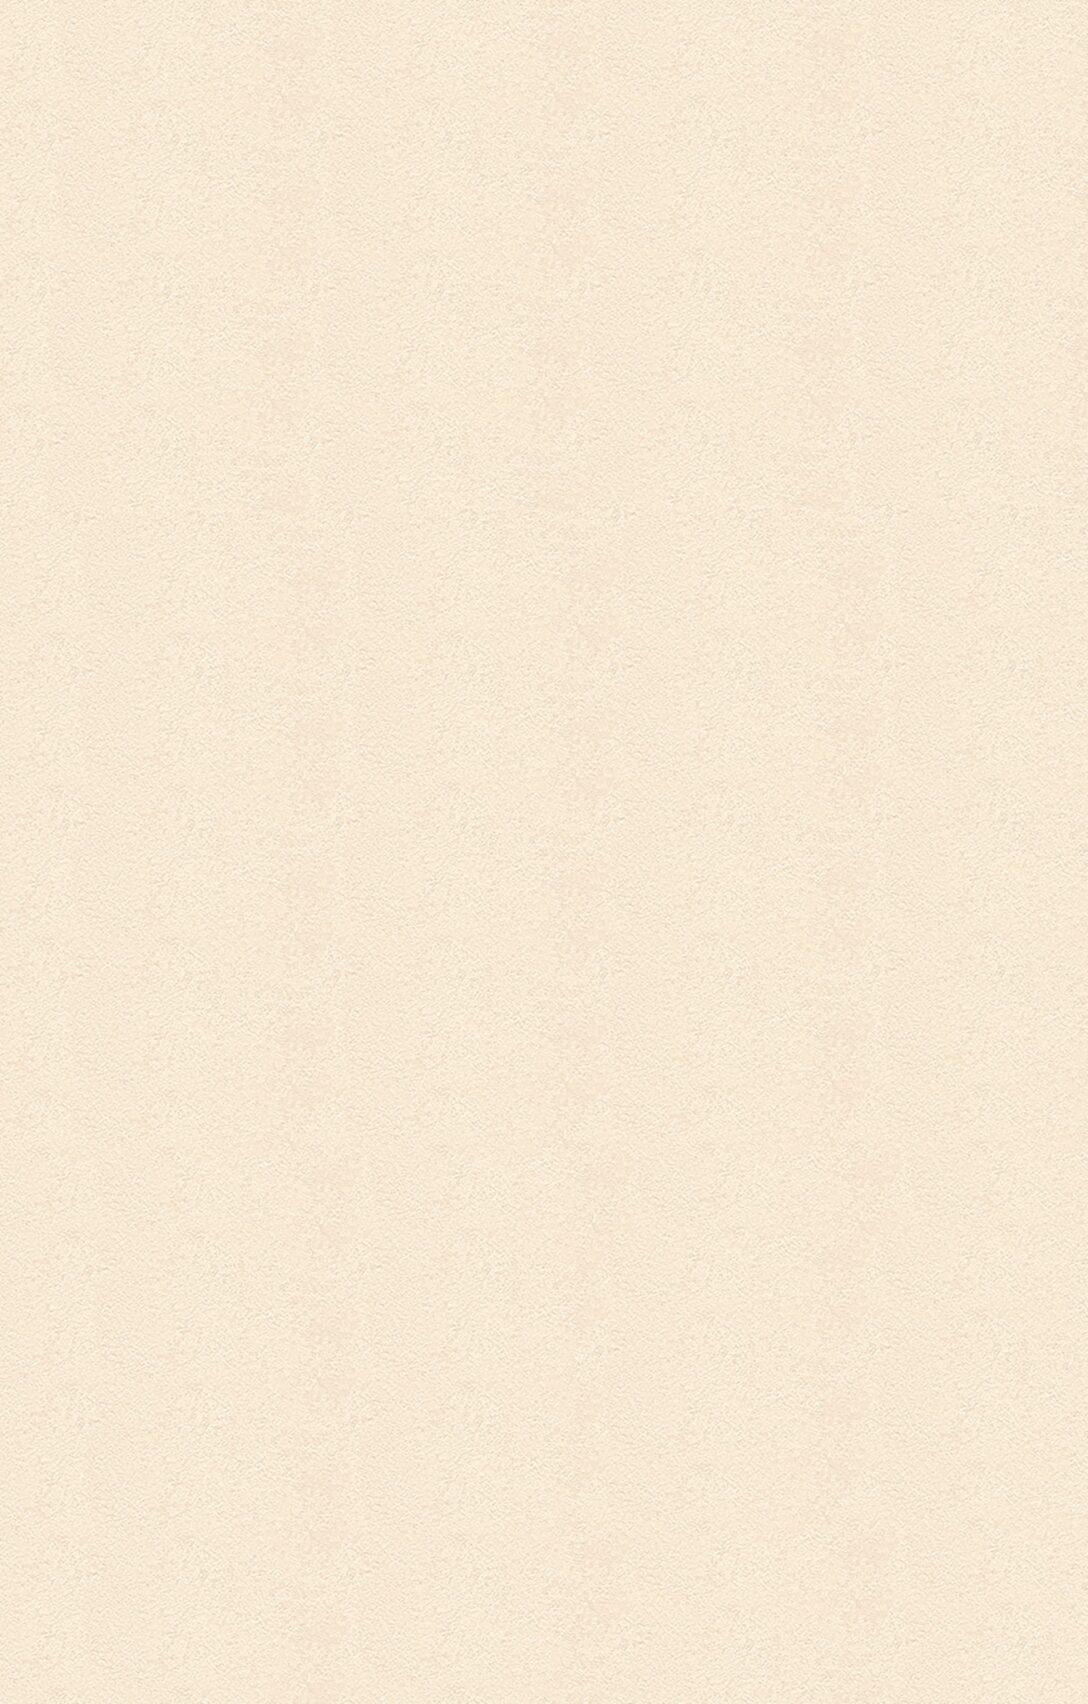 Large Size of Sockelleiste Küche Magnolie Alno Star Dur Steinstruktur Kche Mit Elektrogerten Und Pantryküche Kühlschrank Betonoptik Einzelschränke Singleküche E Wohnzimmer Sockelleiste Küche Magnolie